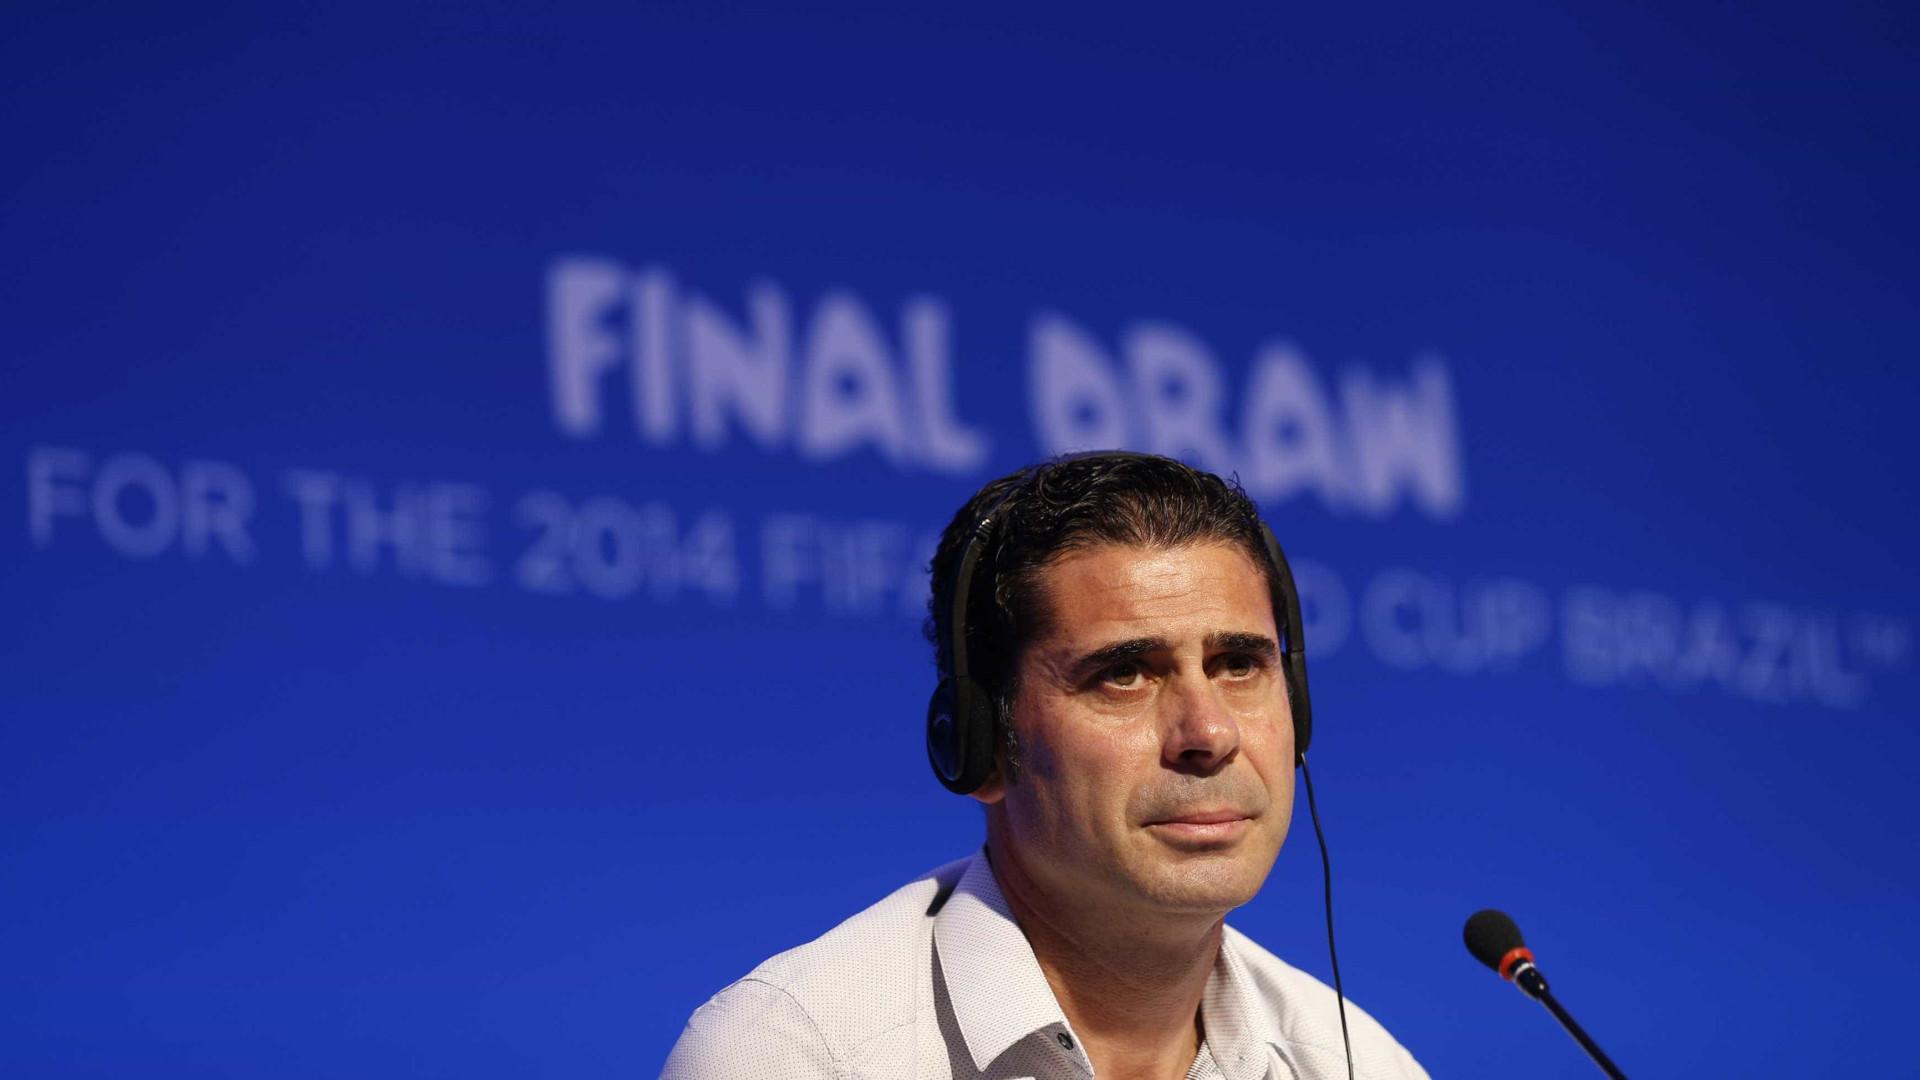 161a0362725b5 Oficial  Hierro é o novo treinador da seleção espanhola